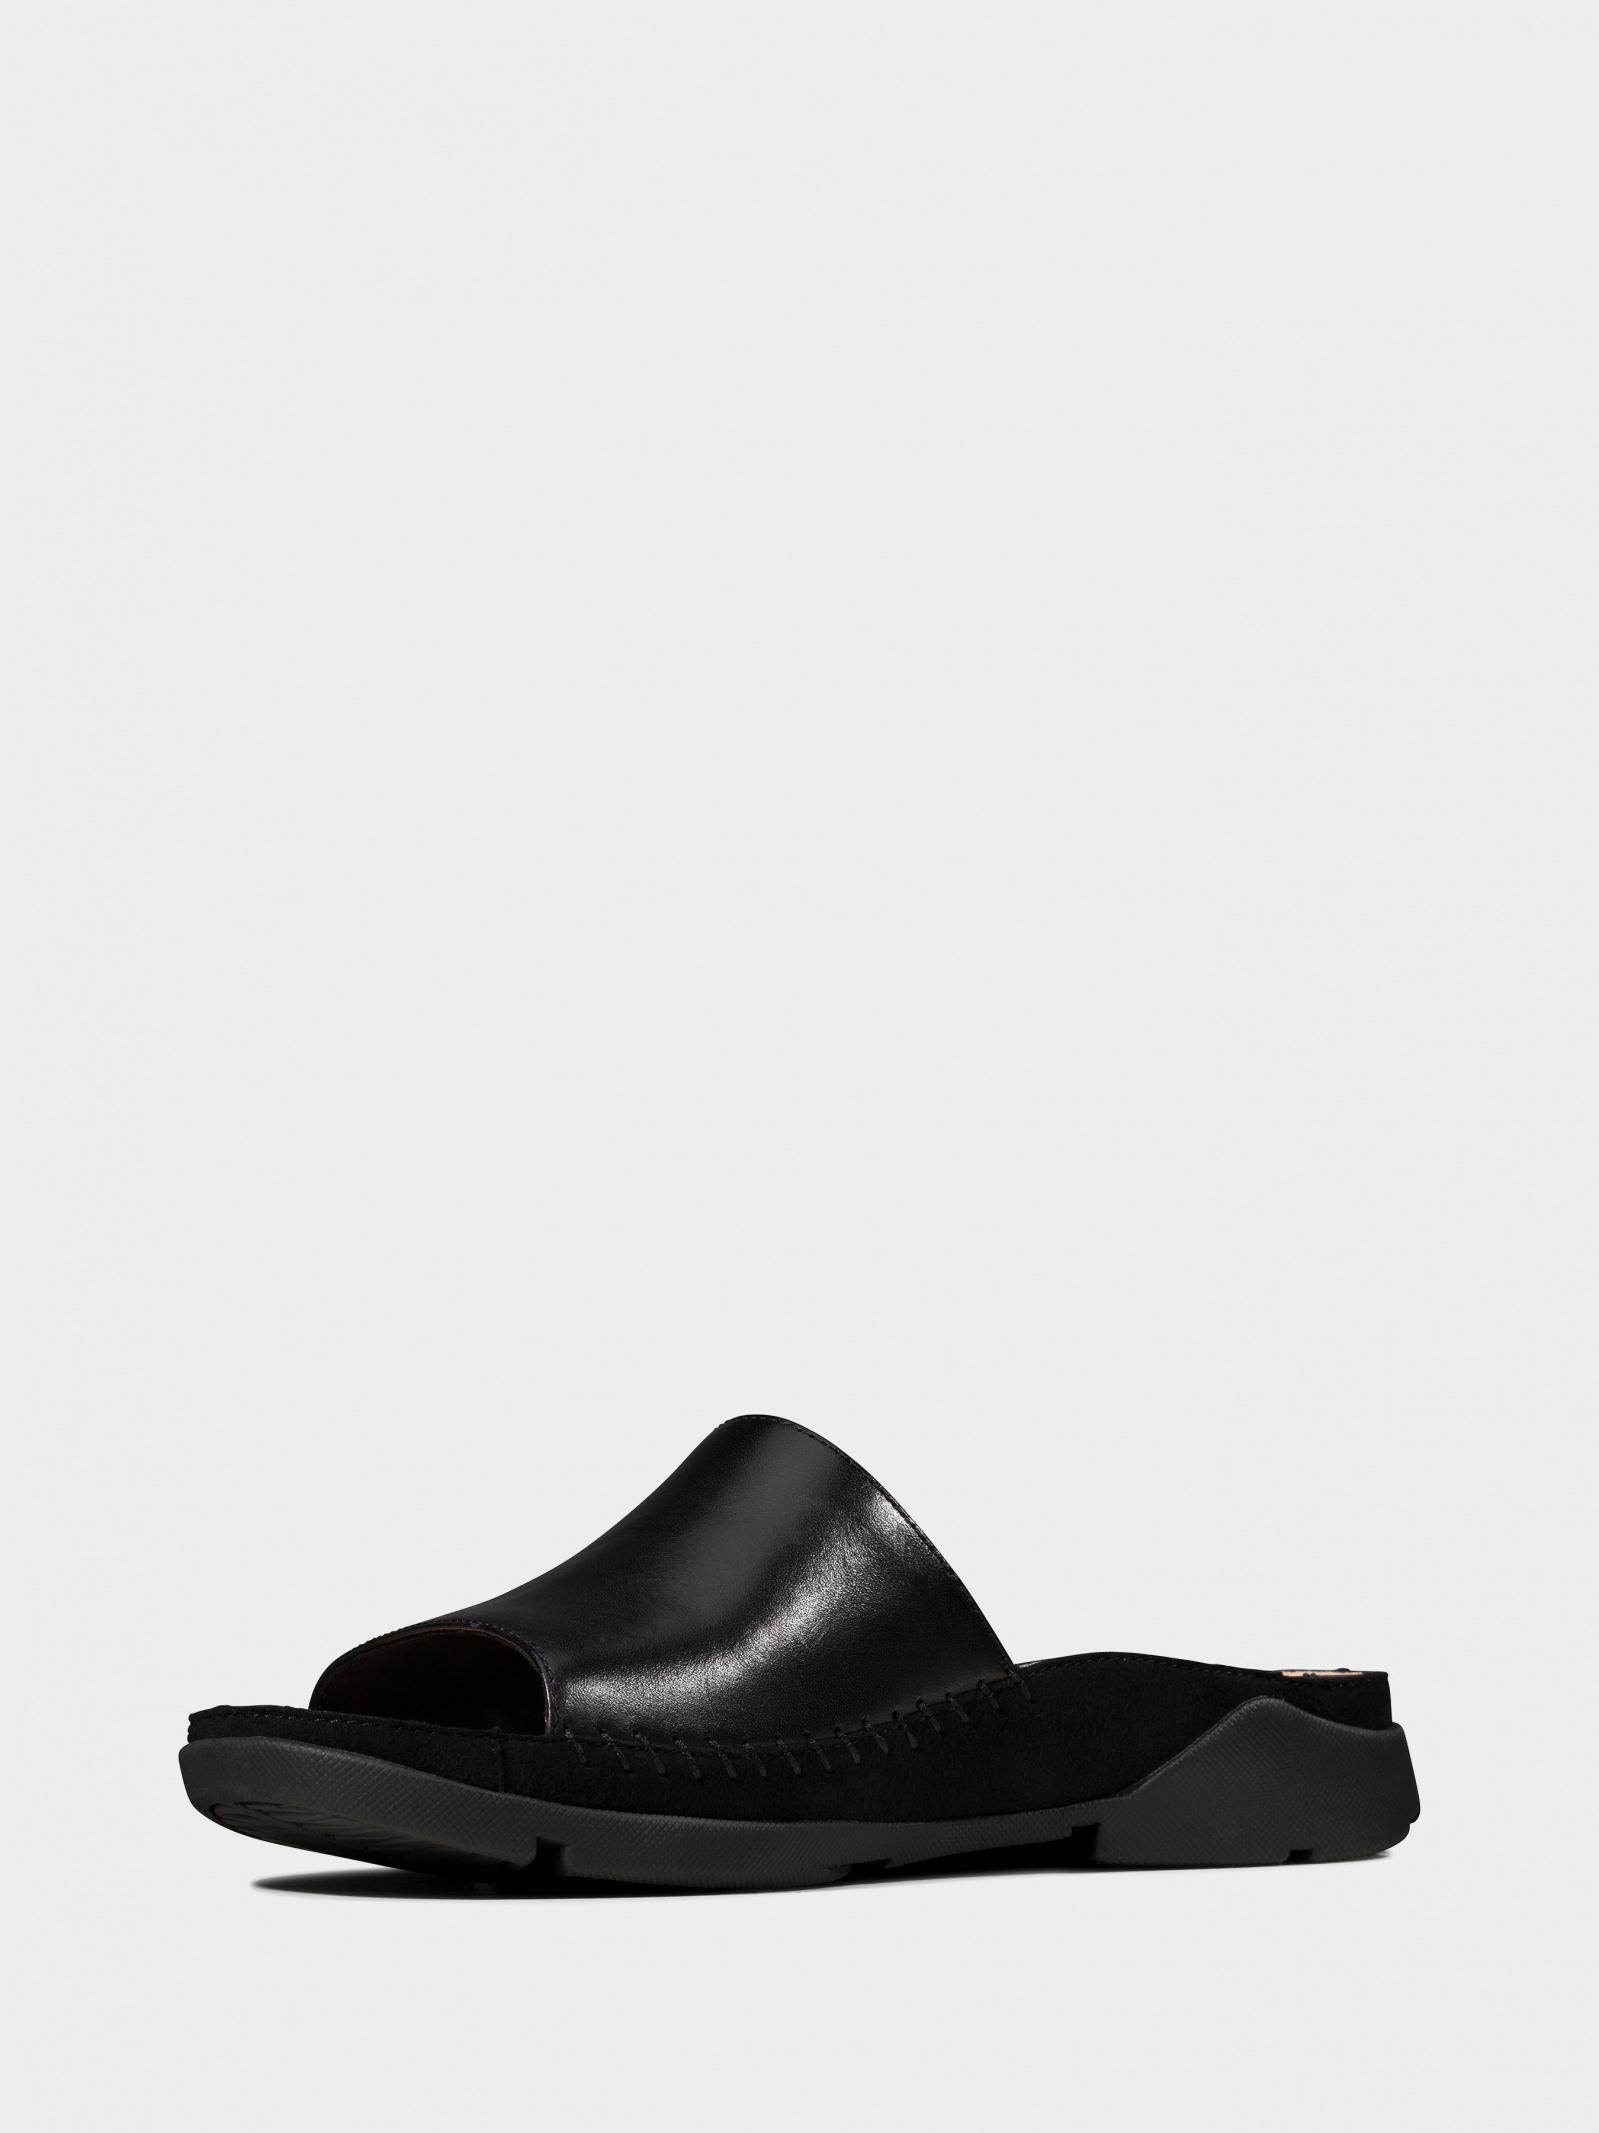 Шльопанці  жіночі Clarks 2614-8763 розміри взуття, 2017